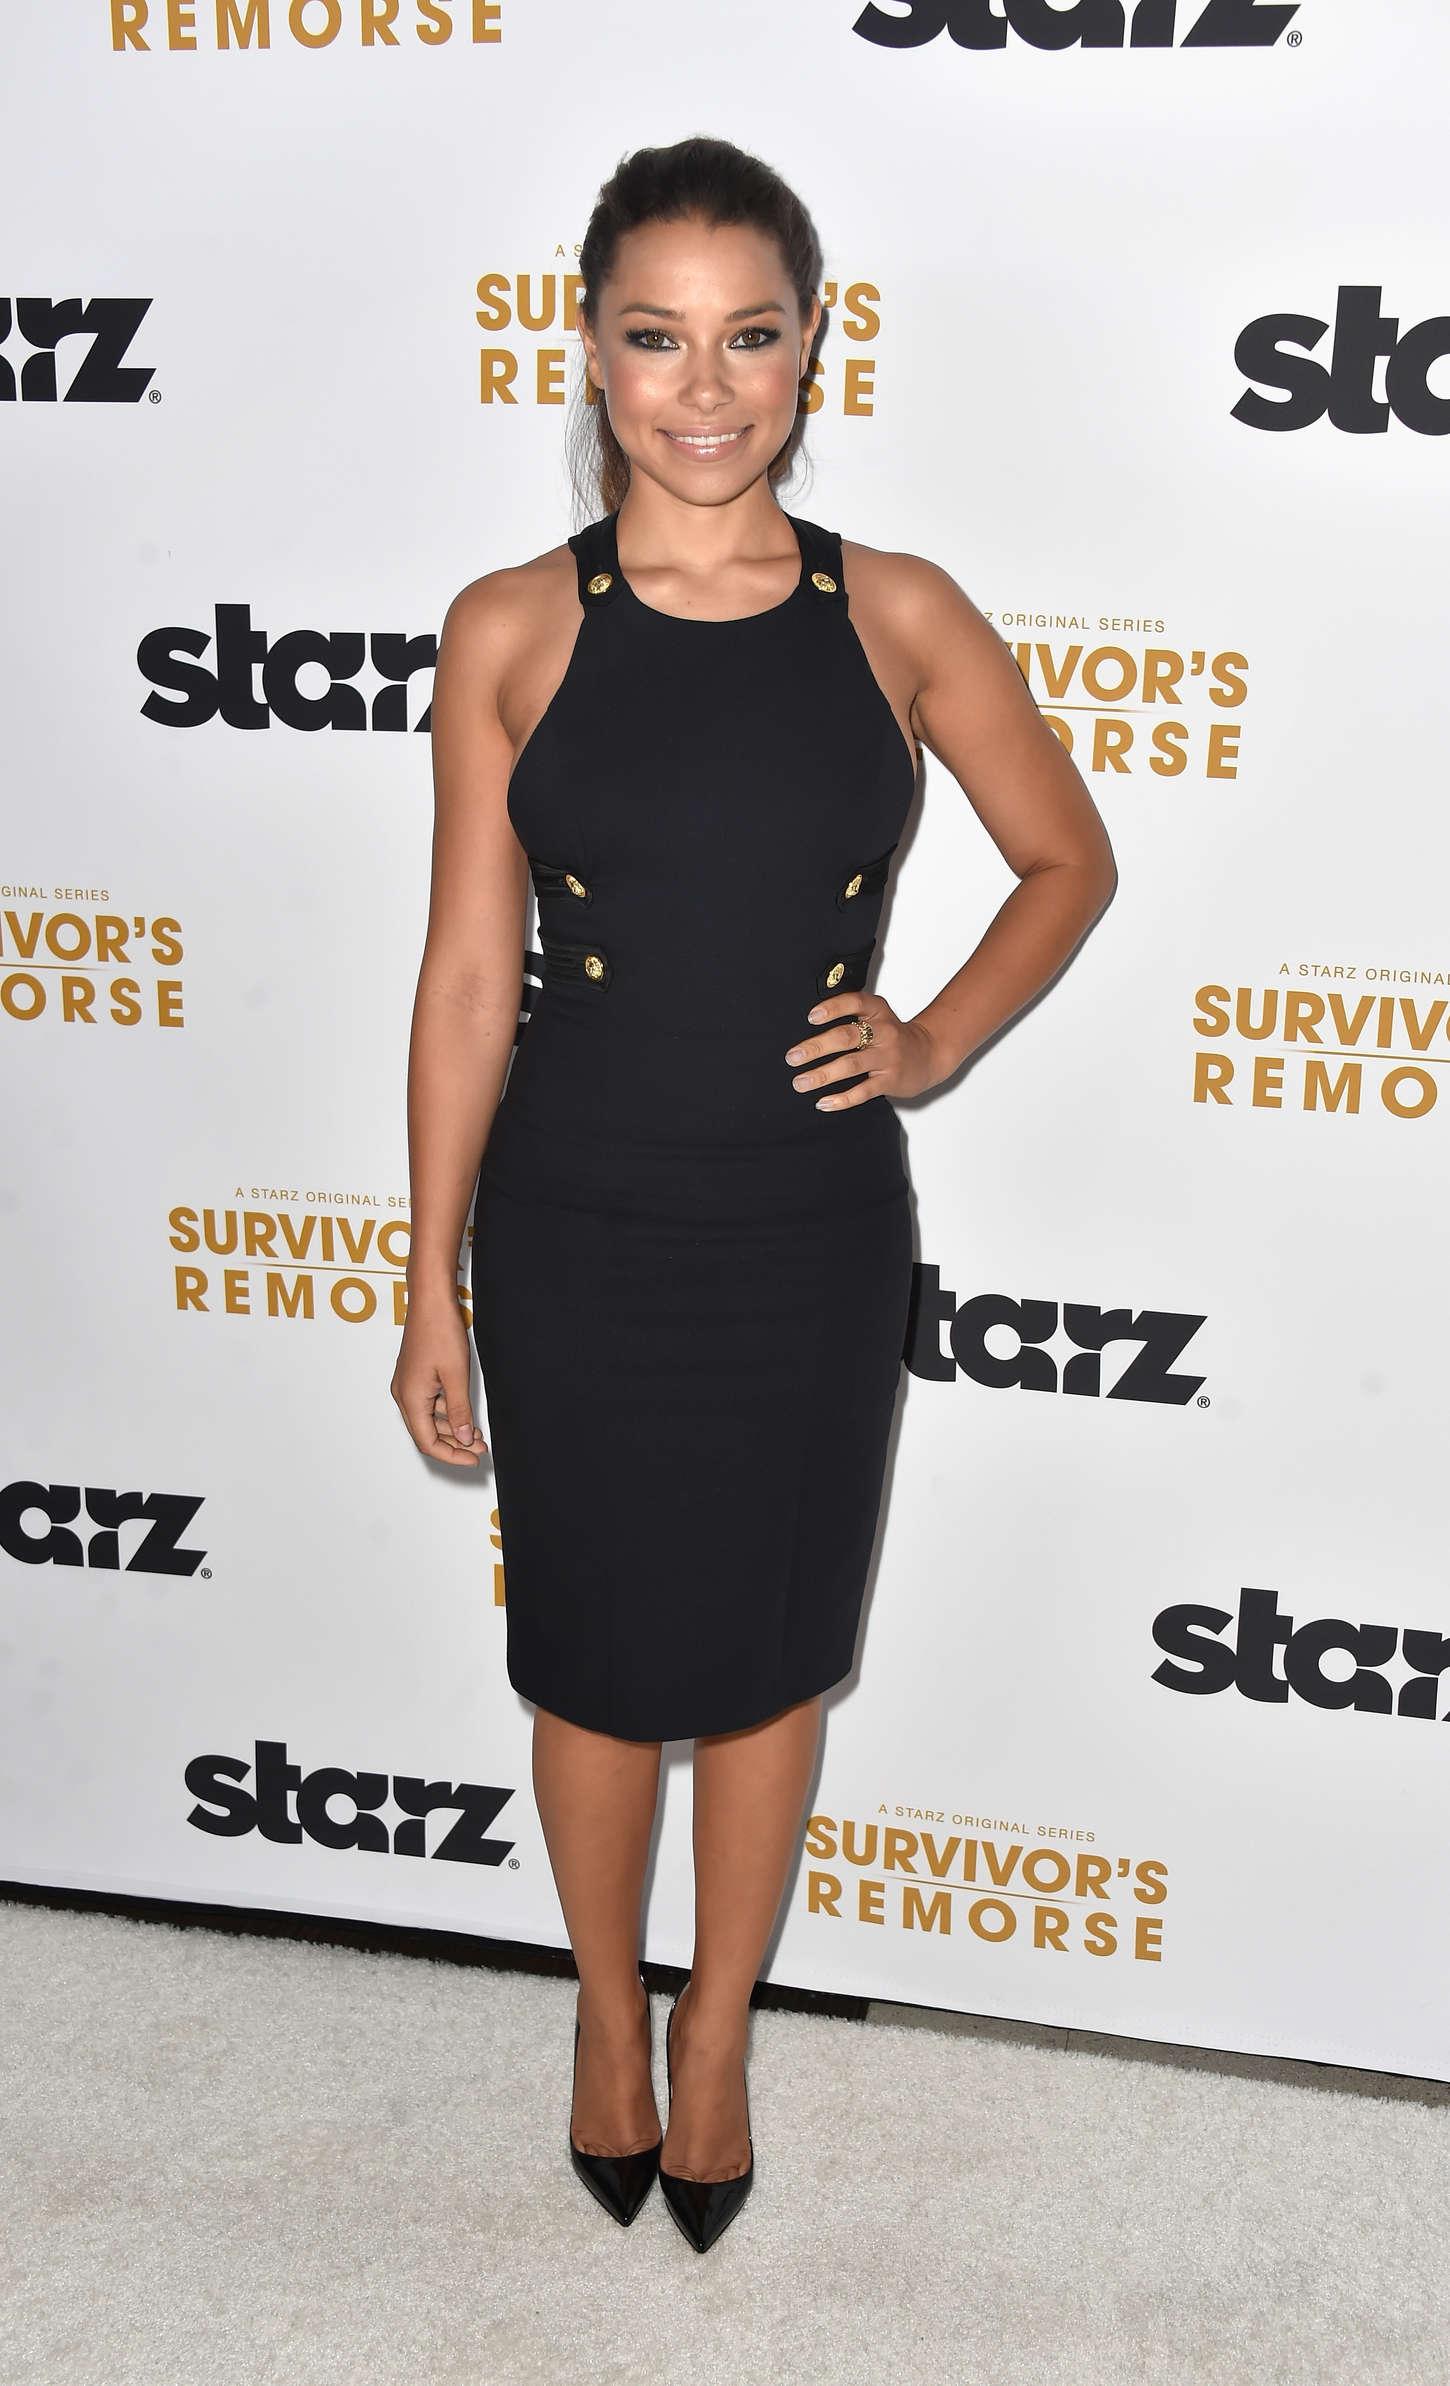 Jessica Parker Kennedy Survivors Remorse Premiere in Beverly Hills